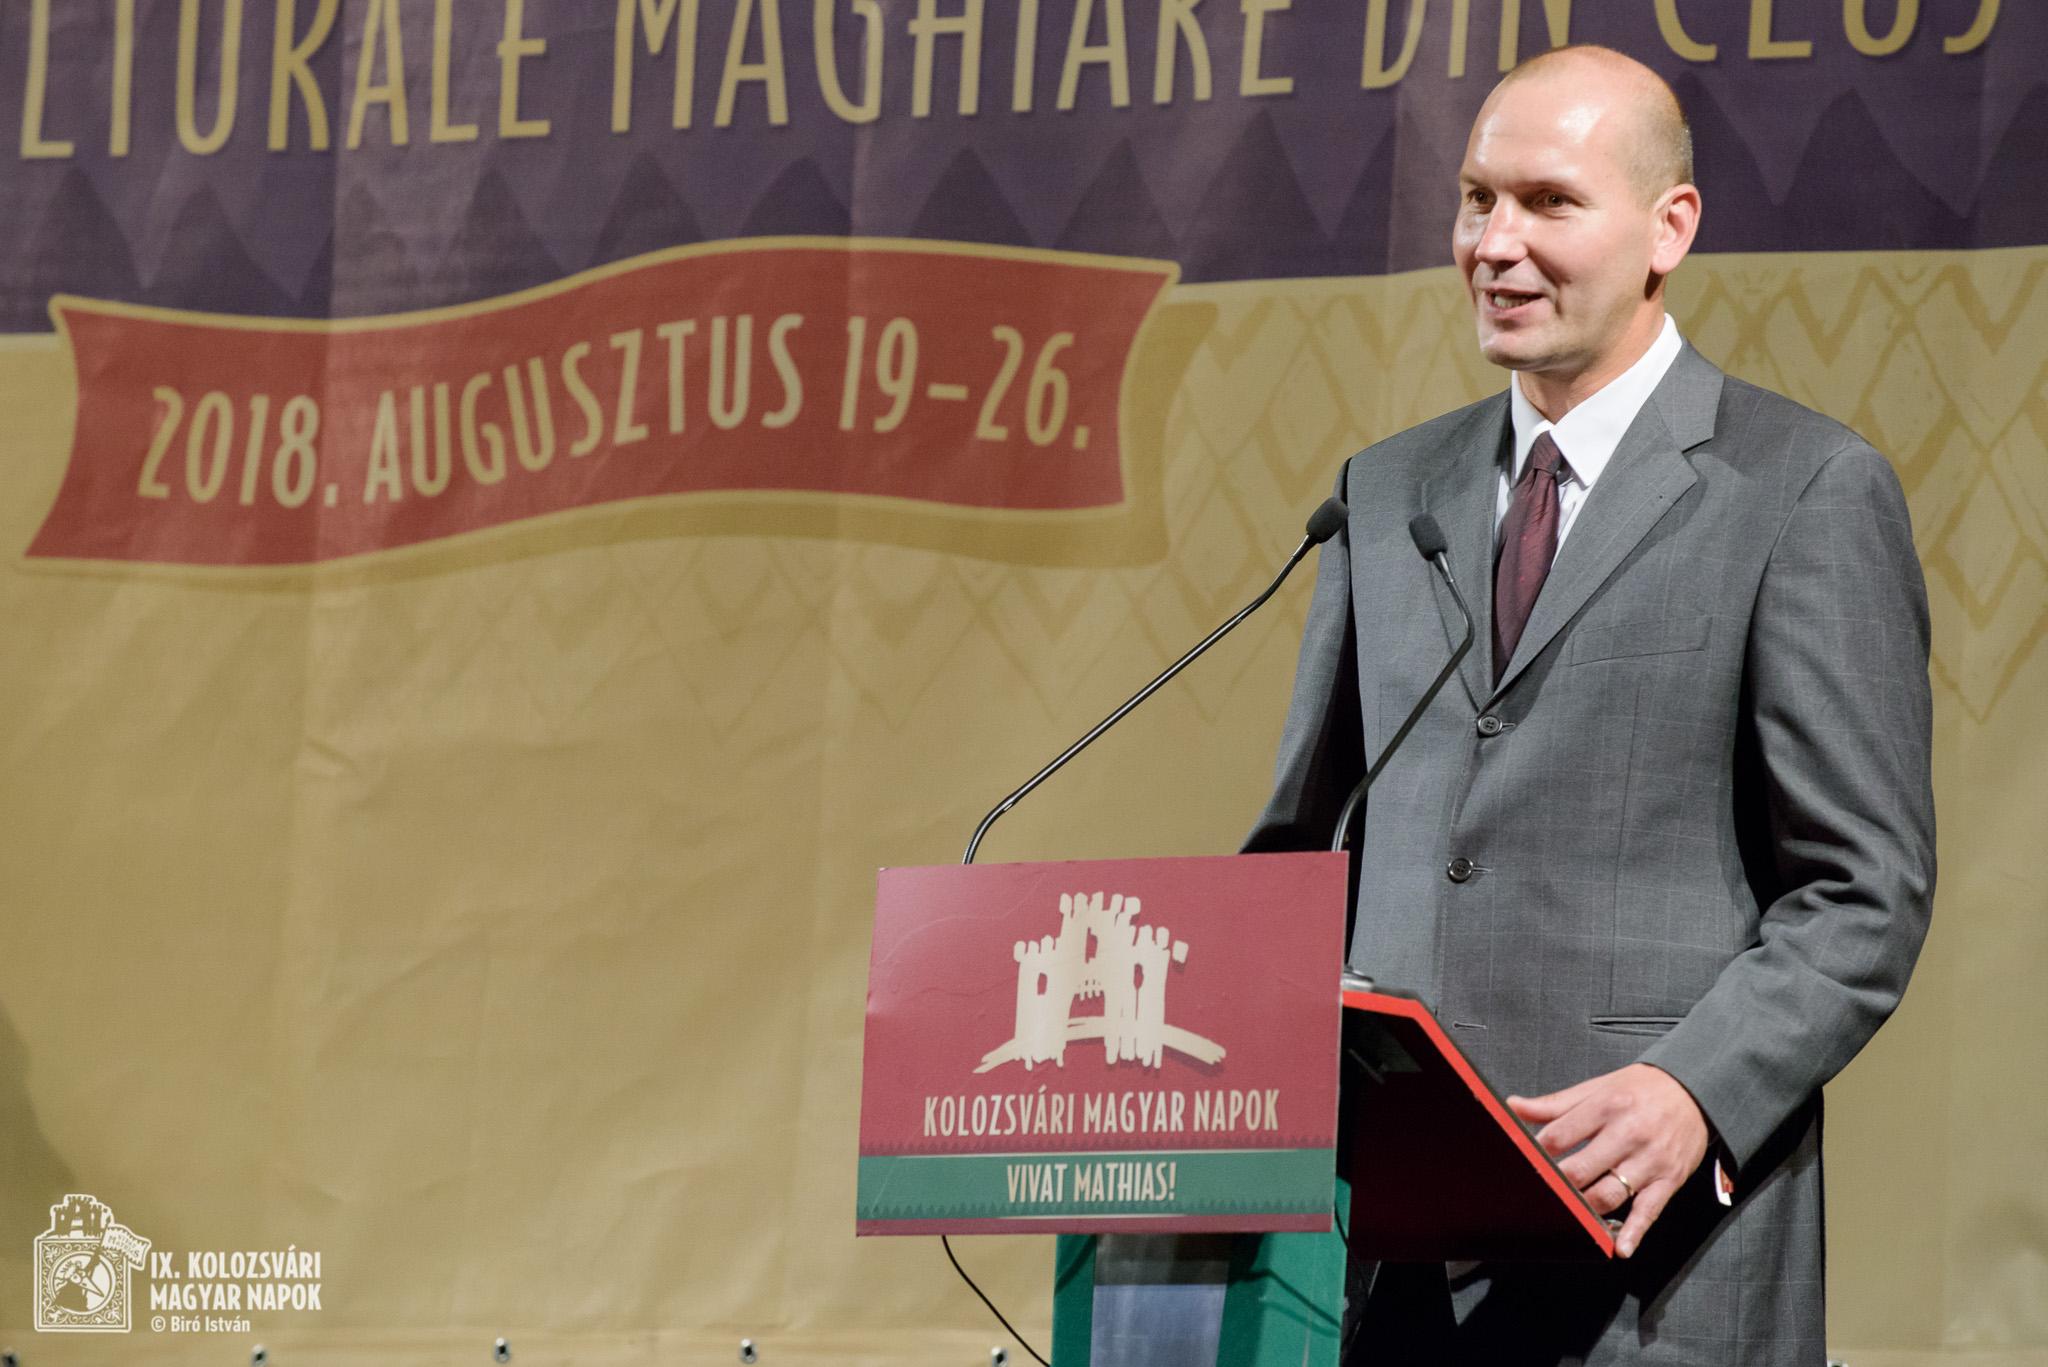 Megnyitottuk a 9. Kolozsvári Magyar Napokat